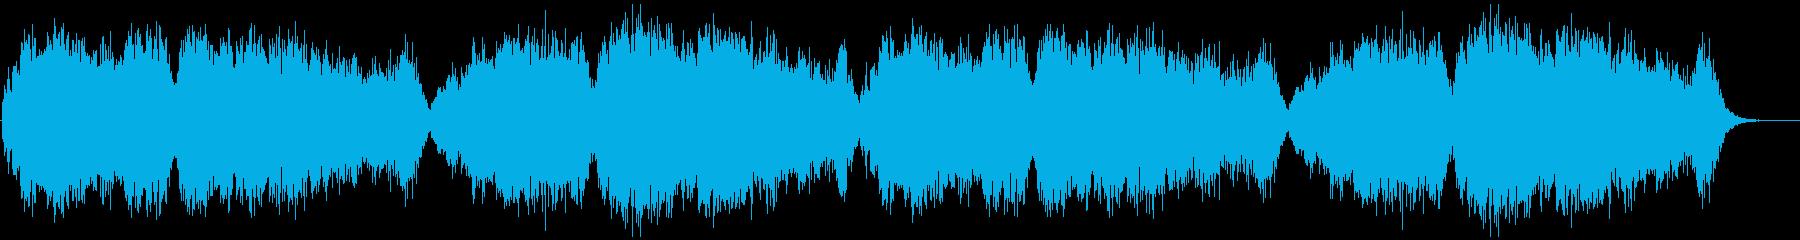 ゲームCGムービーに合う悲しいエルフの歌の再生済みの波形